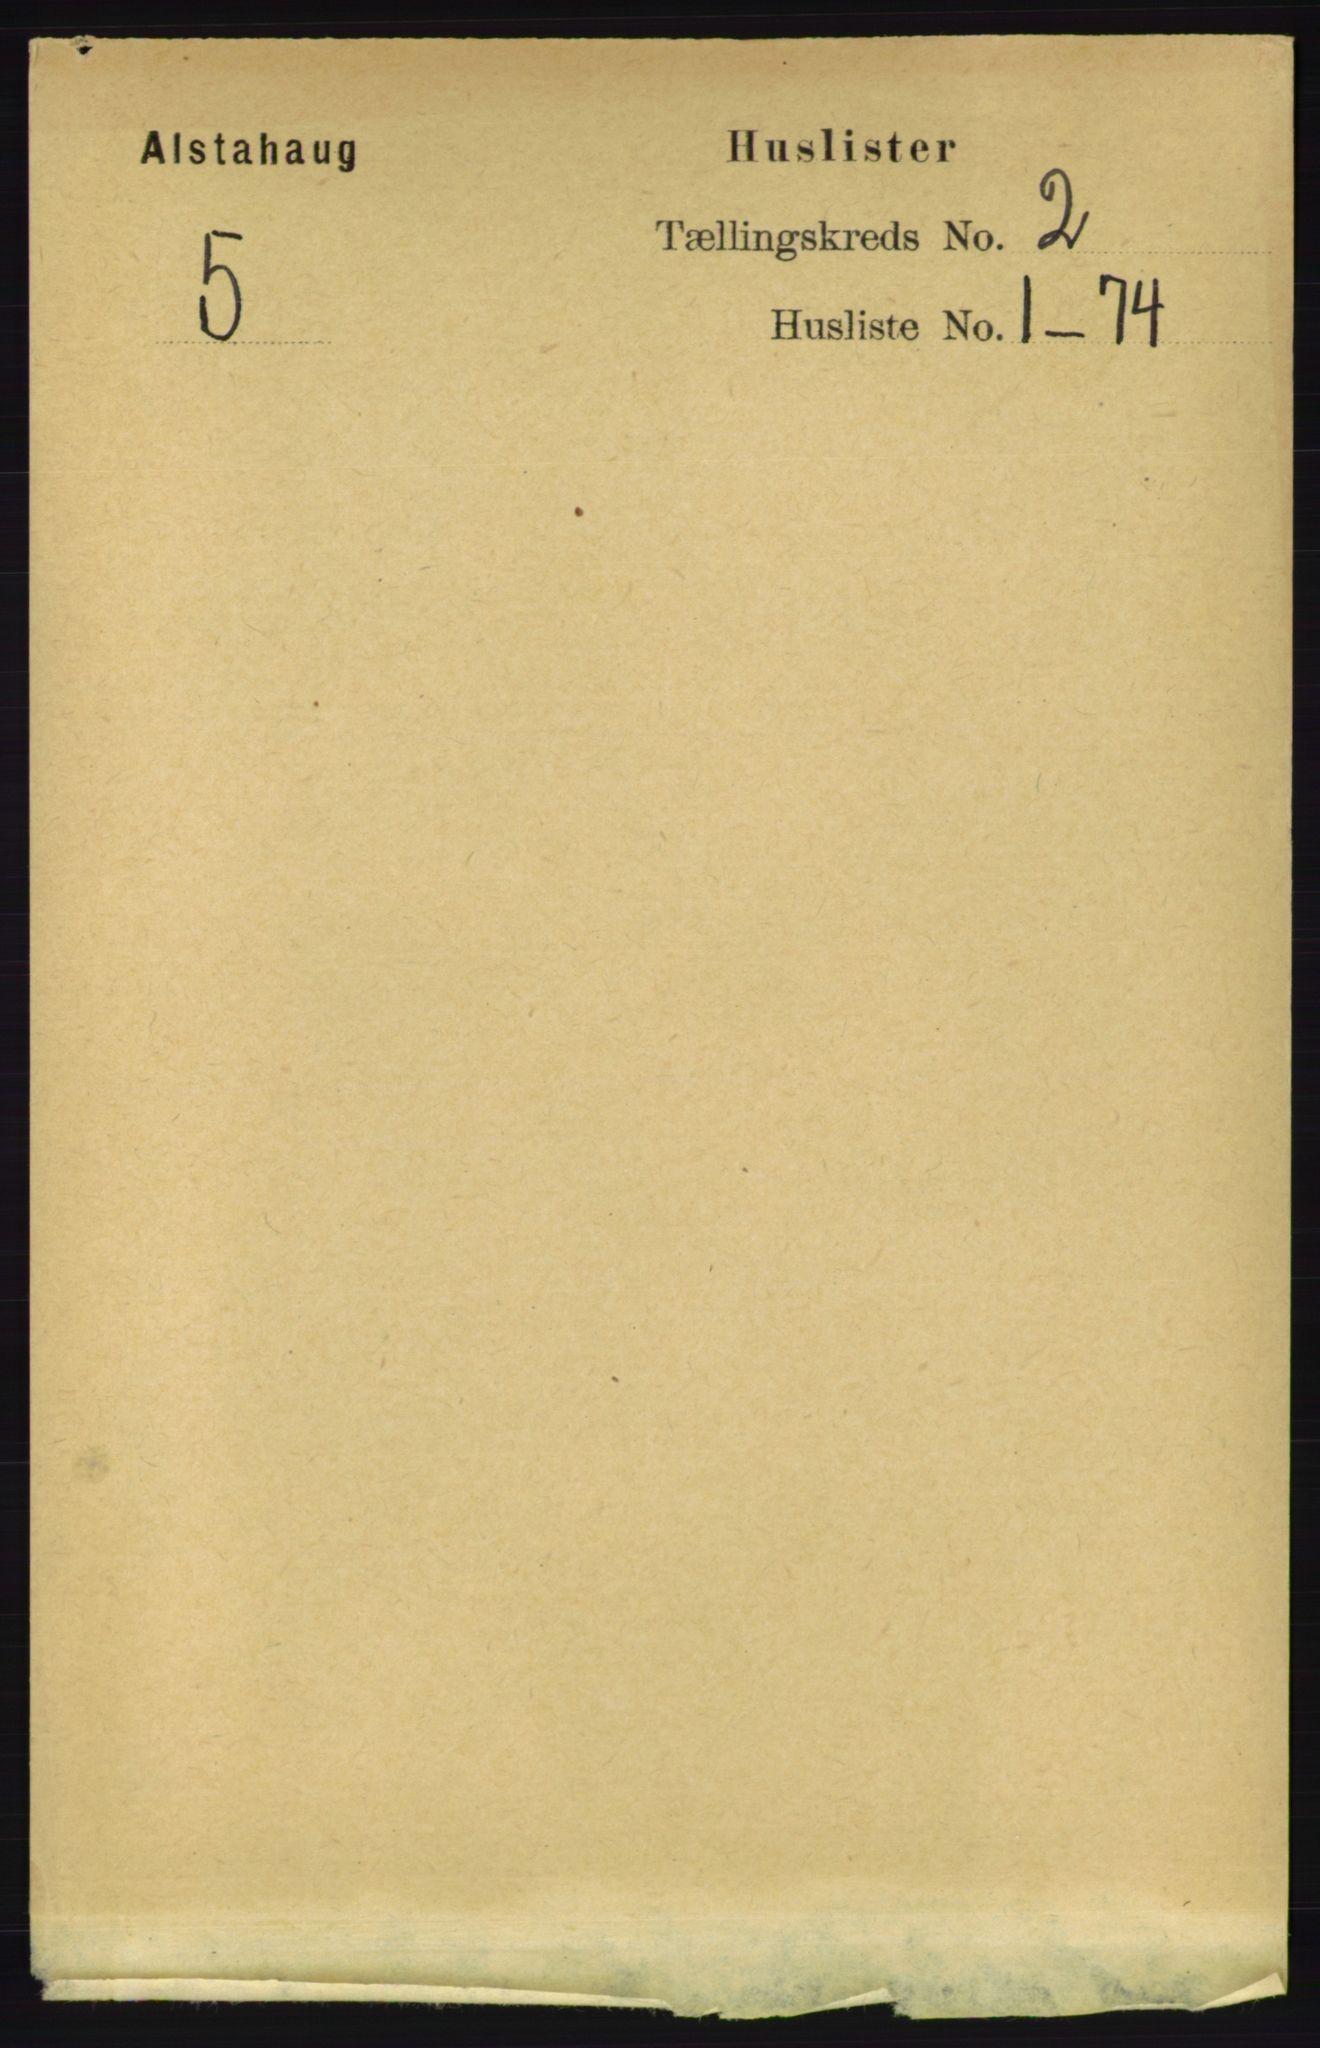 RA, Folketelling 1891 for 1820 Alstahaug herred, 1891, s. 424